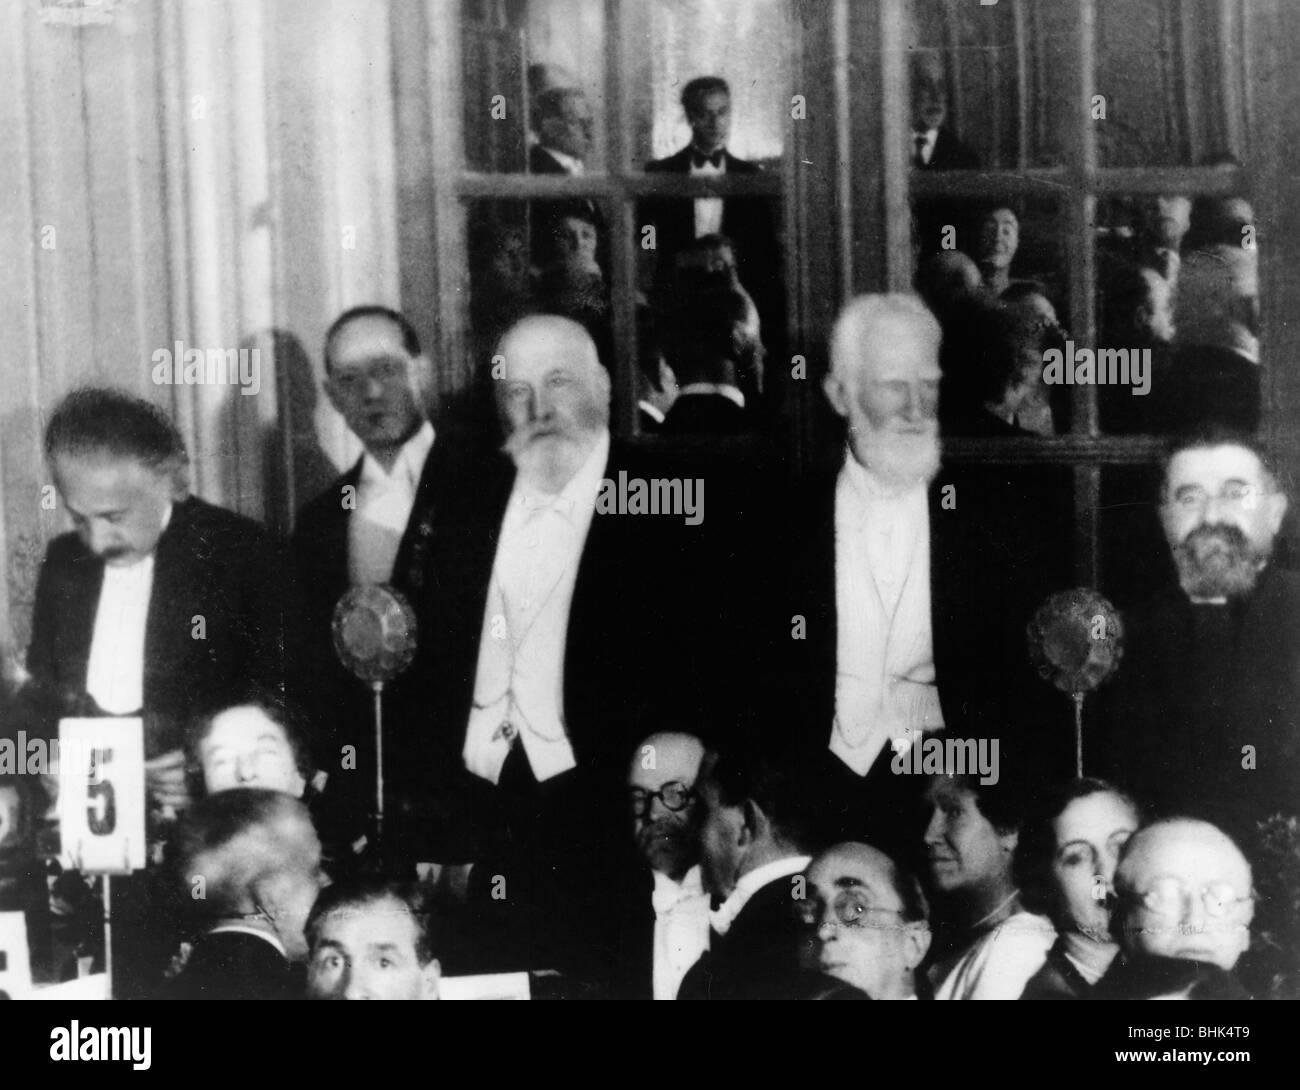 Albert Einstein (1879-1955), George Bernard Shaw (1856-1950), and H.G. Wells (1866-1946), 1930. - Stock Image